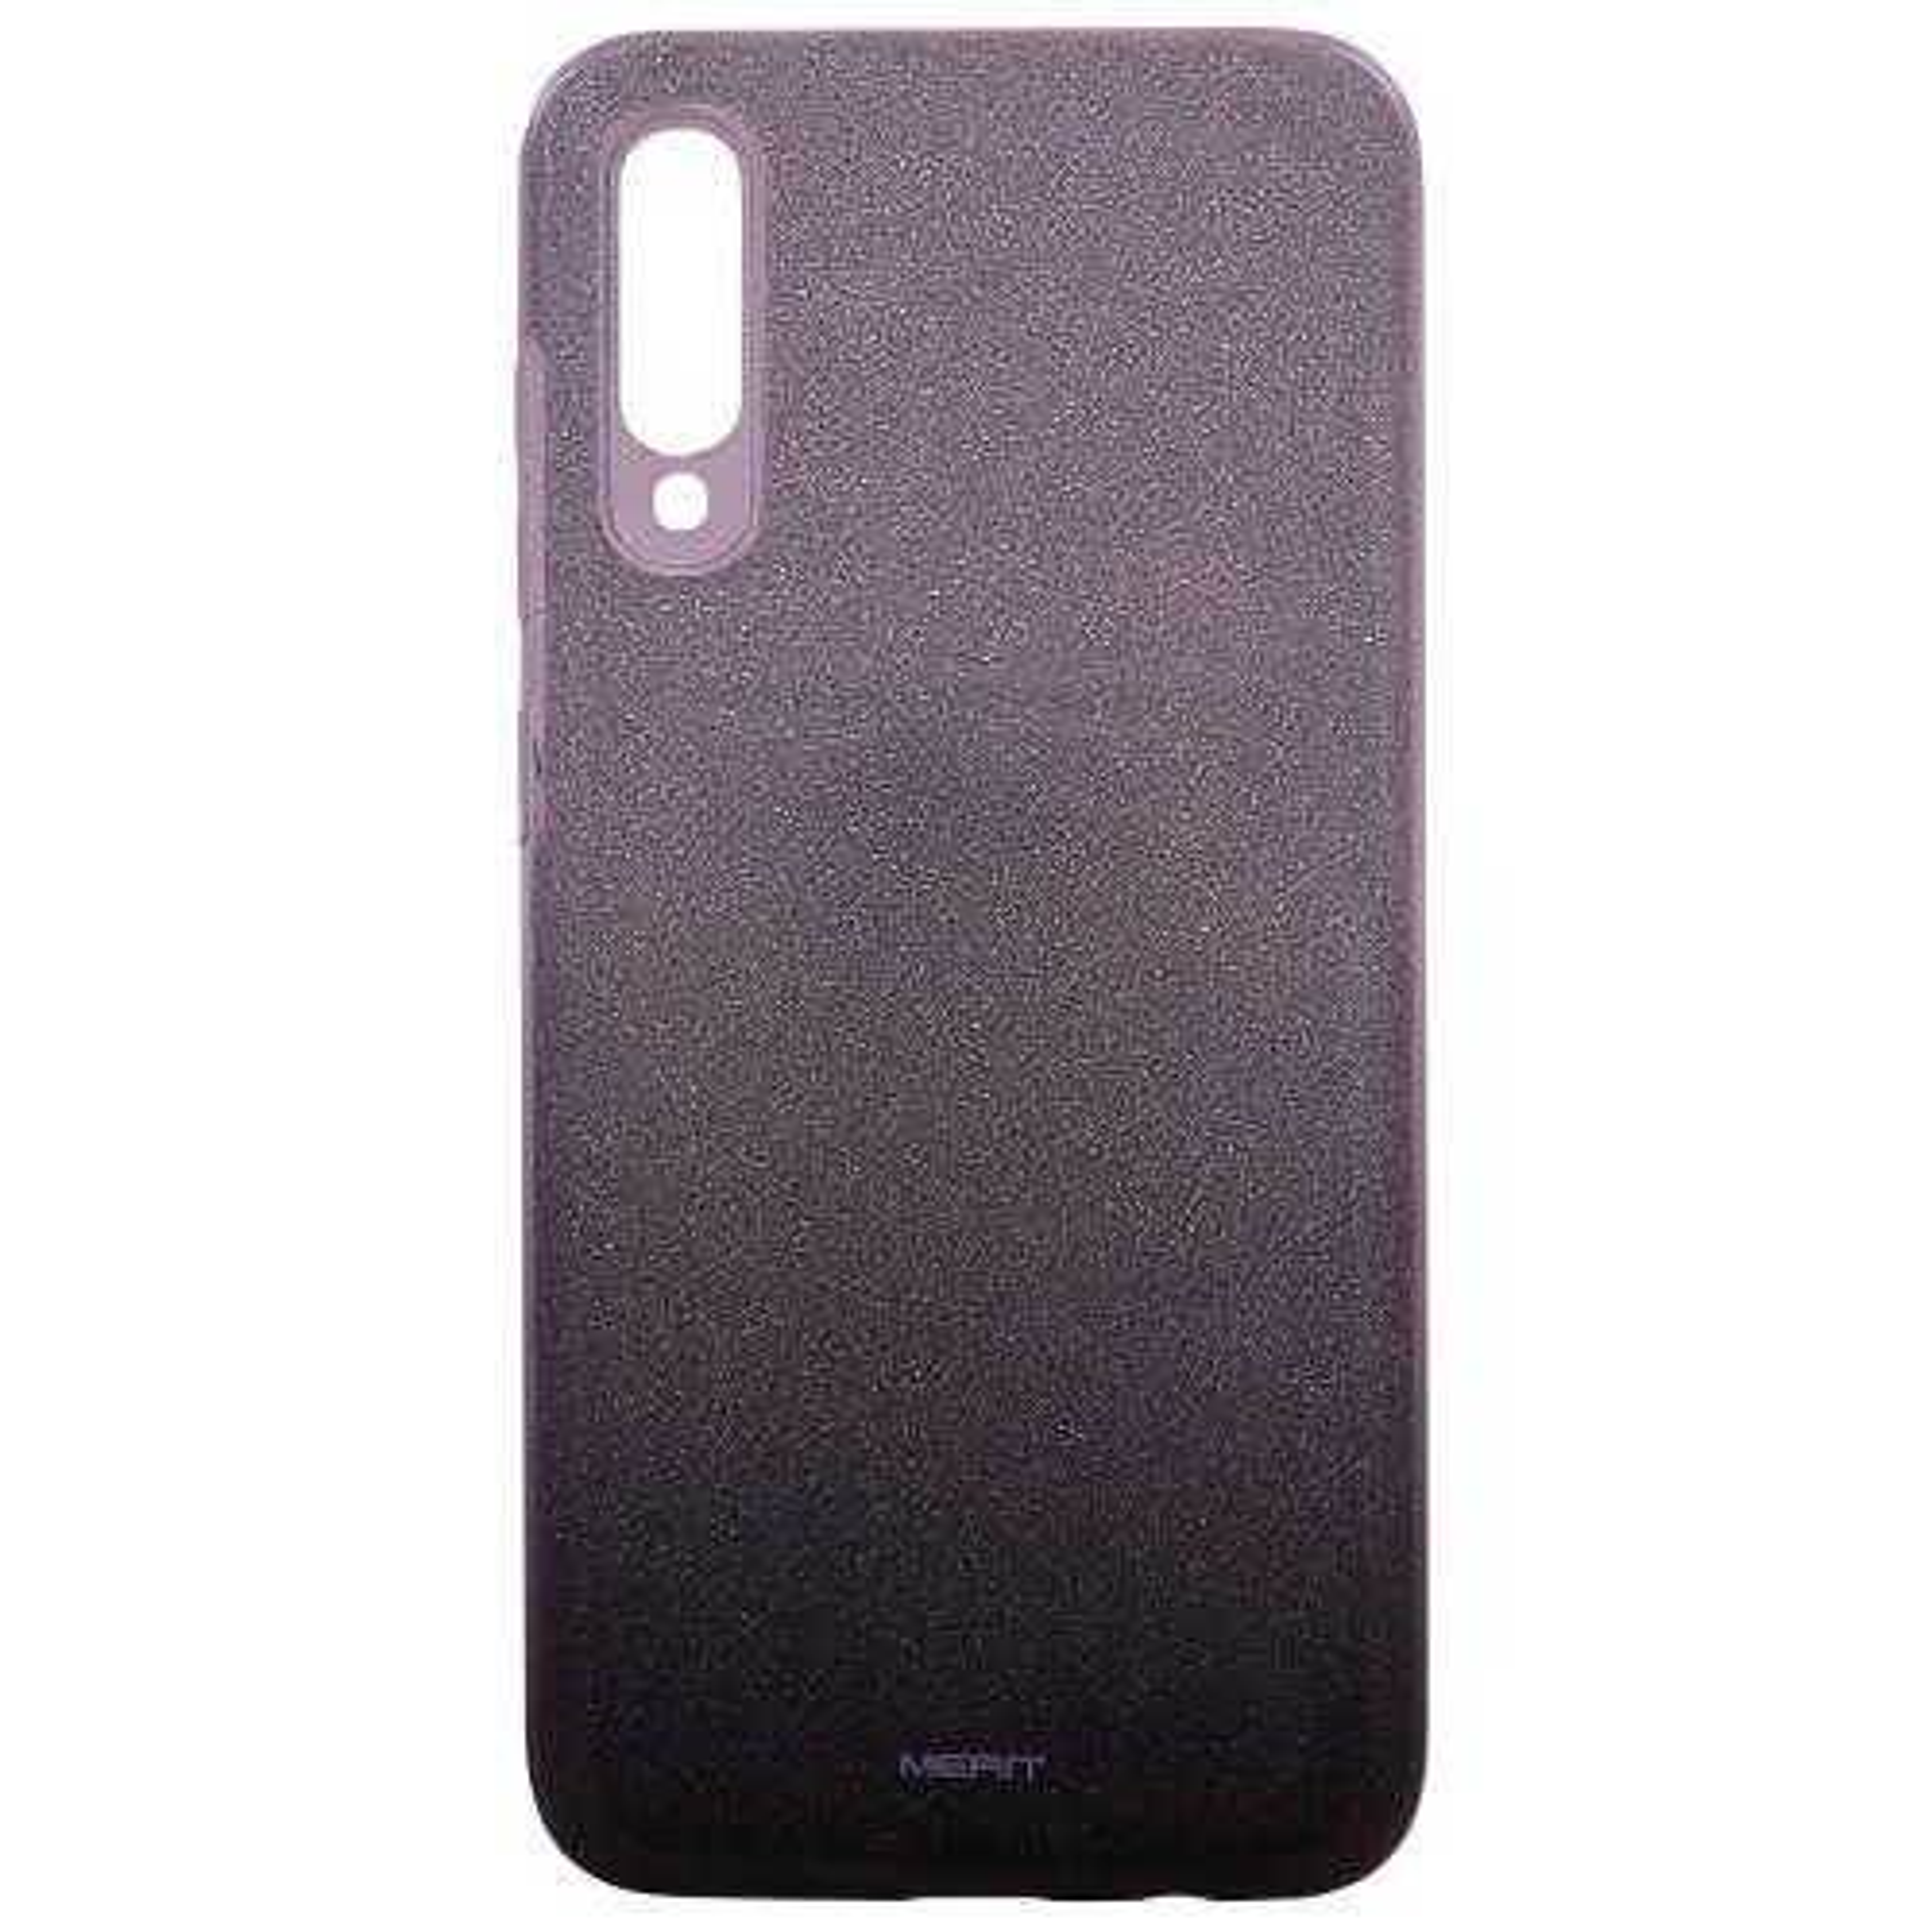 کاور مریت طرح اکلیلی کد 9804105071 مناسب برای گوشی موبایل سامسونگ Galaxy A70